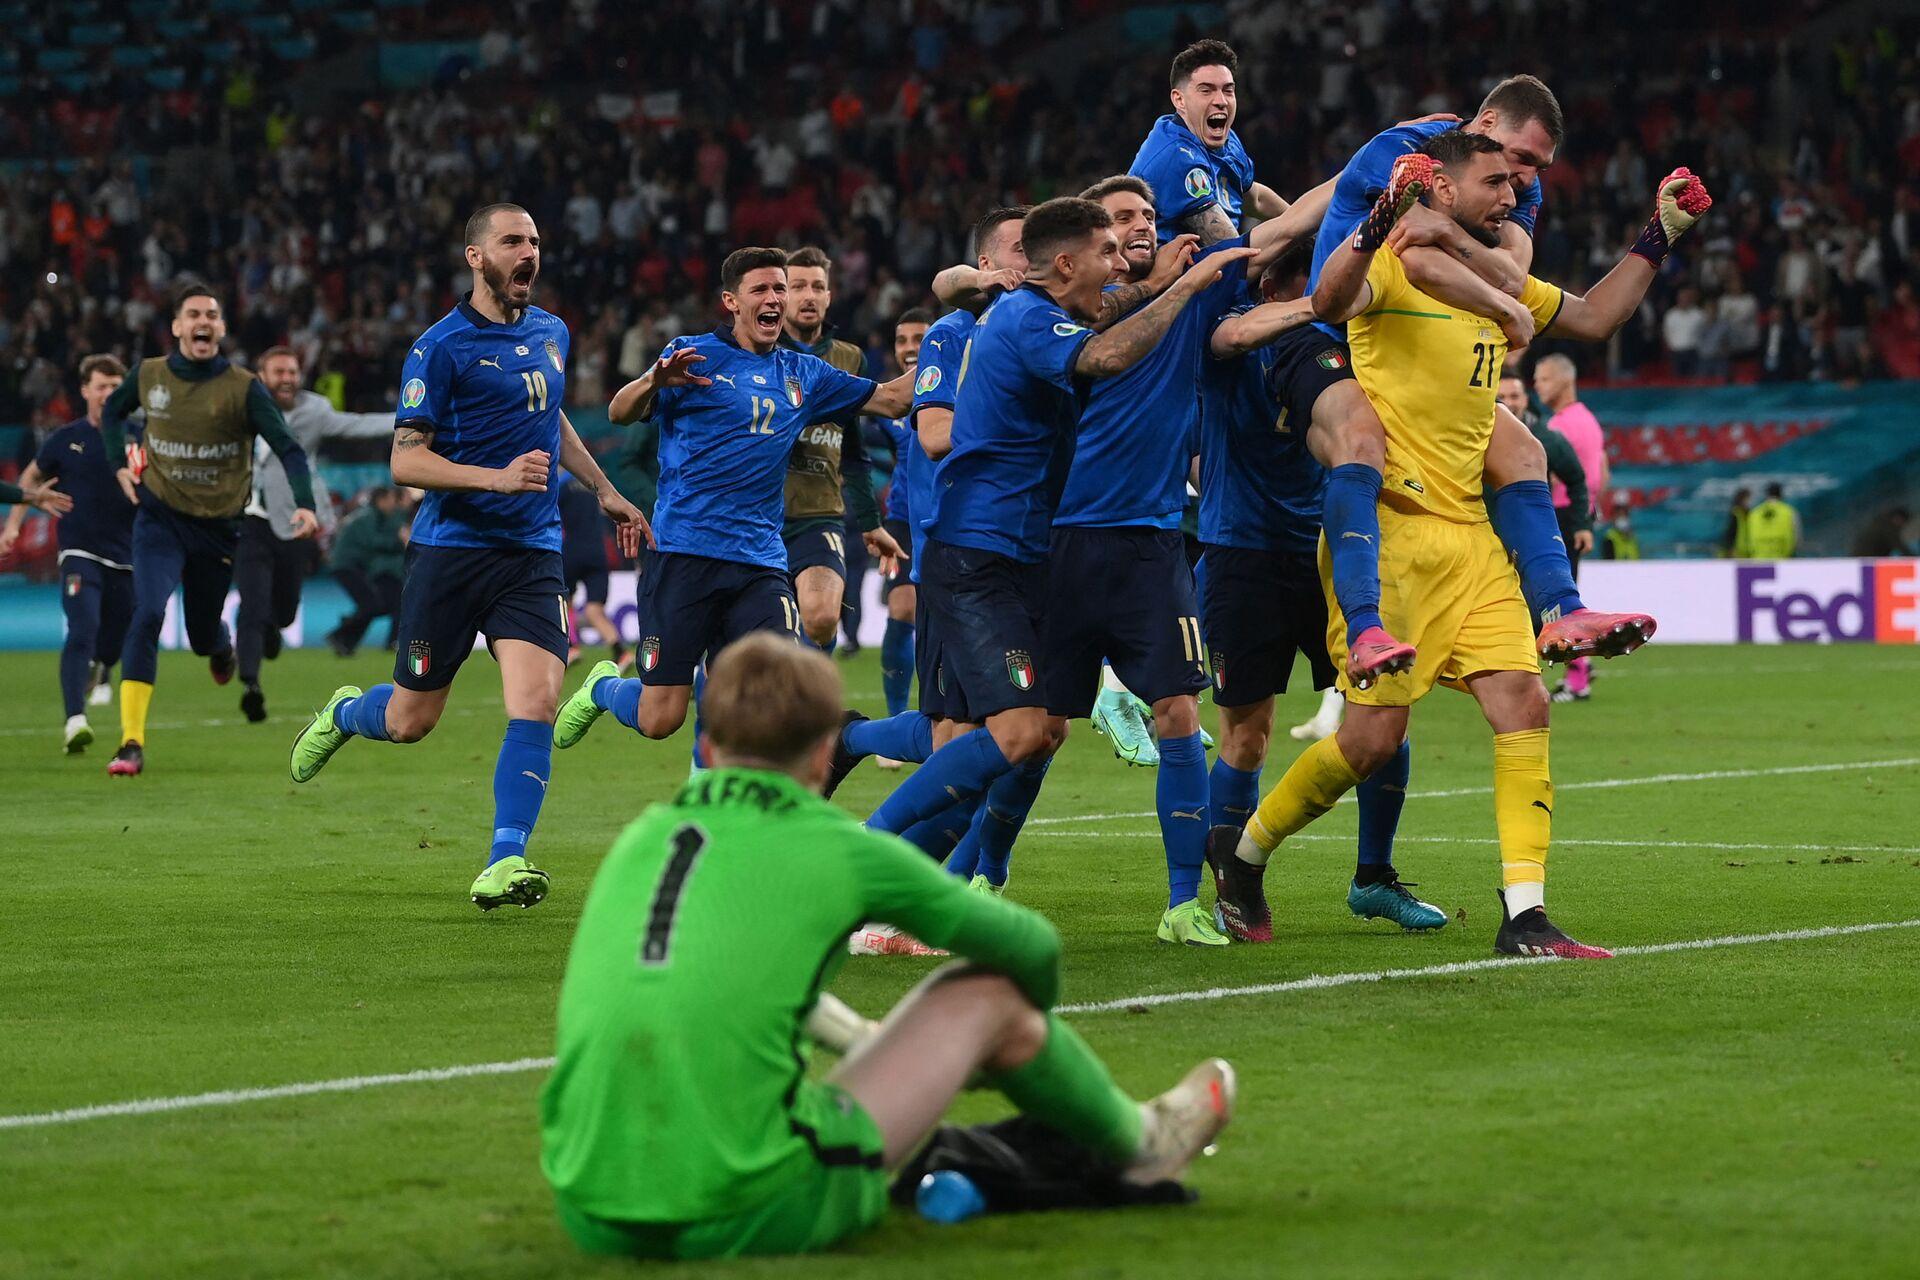 Шел домой, а пришел в Рим: триумфатором ЕВРО-2020 стала сборная Италии - Sputnik Азербайджан, 1920, 12.07.2021